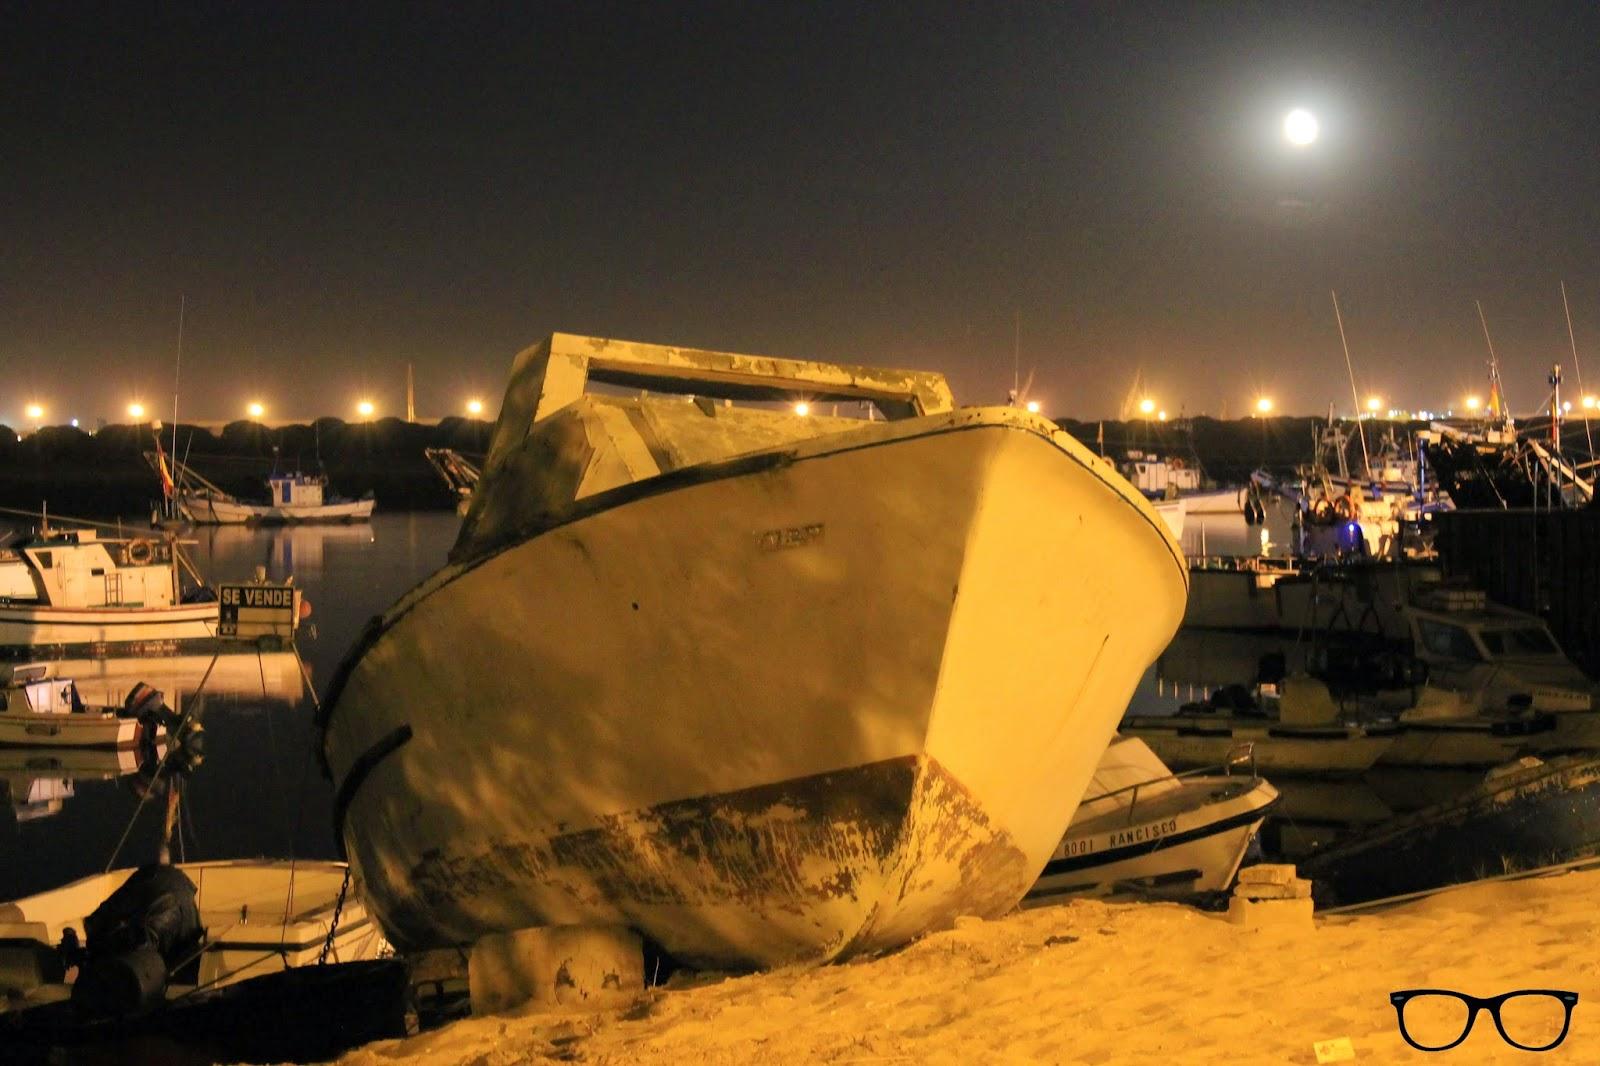 Barco en el puerto de Punta Umbría